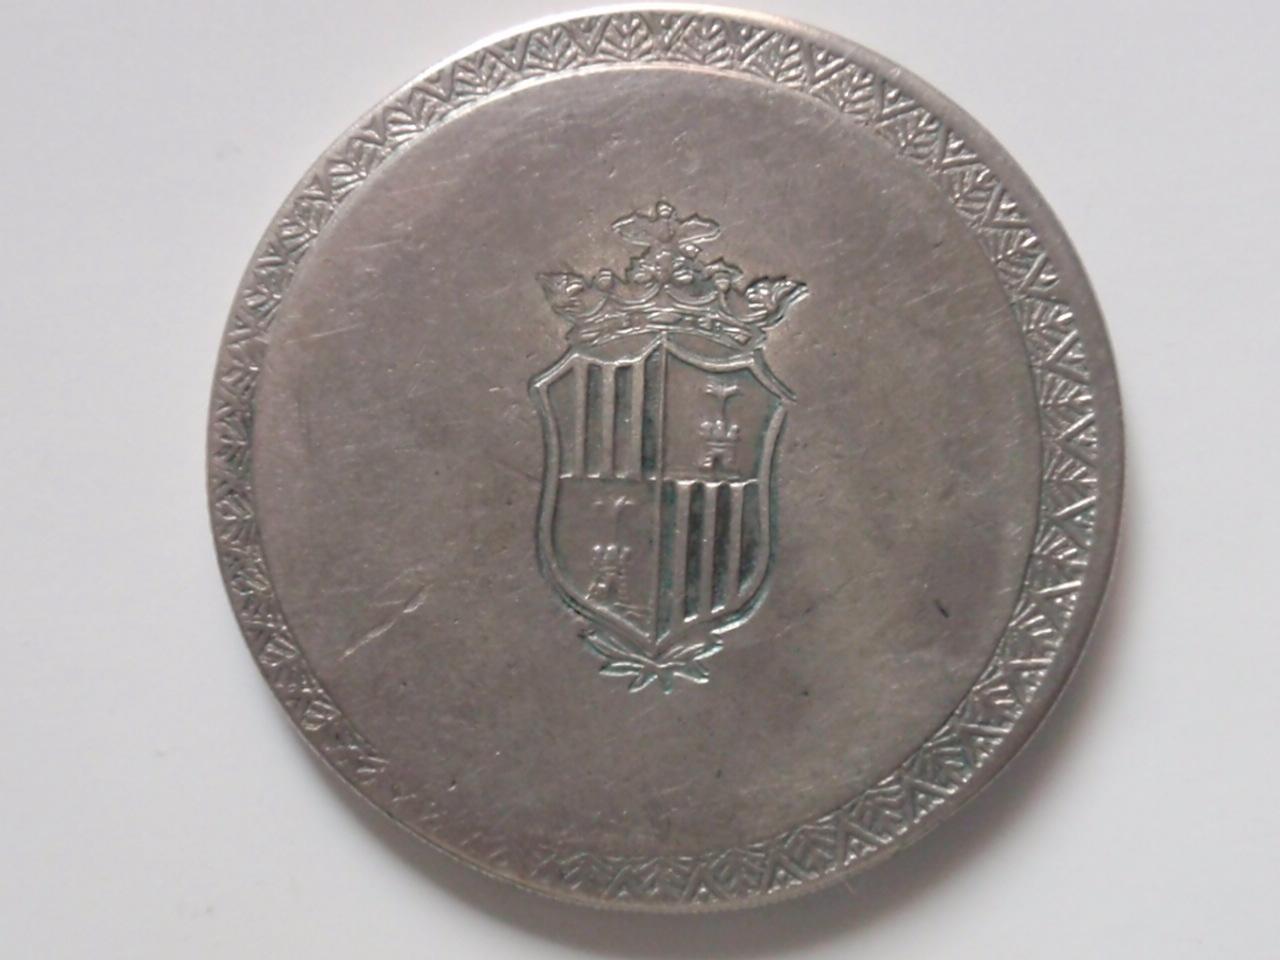 Pasarela de moda numismática Fernandina en Palma: Crónica. 180830sous_002